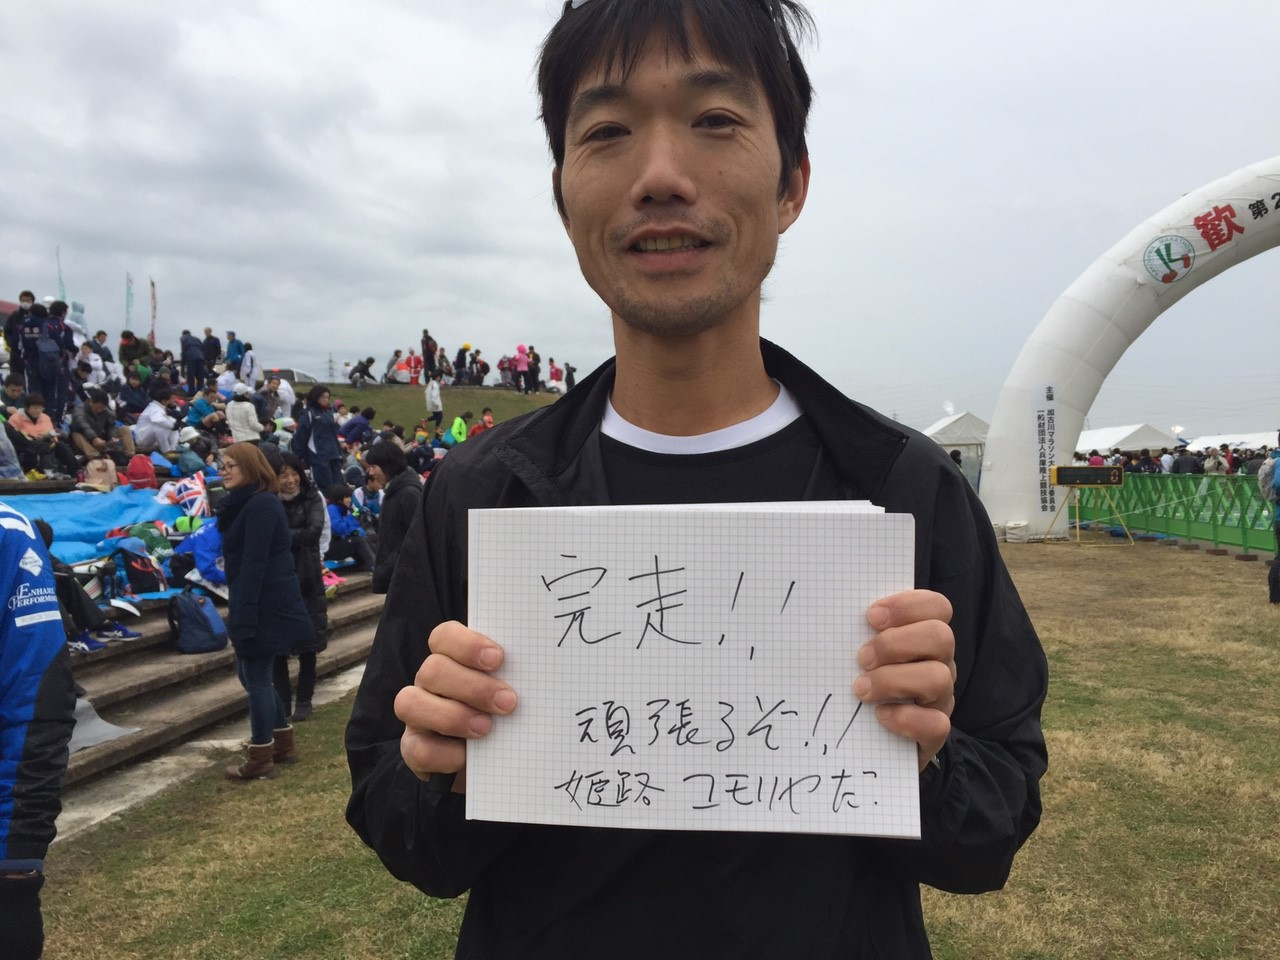 加古川マラソン目標_7759